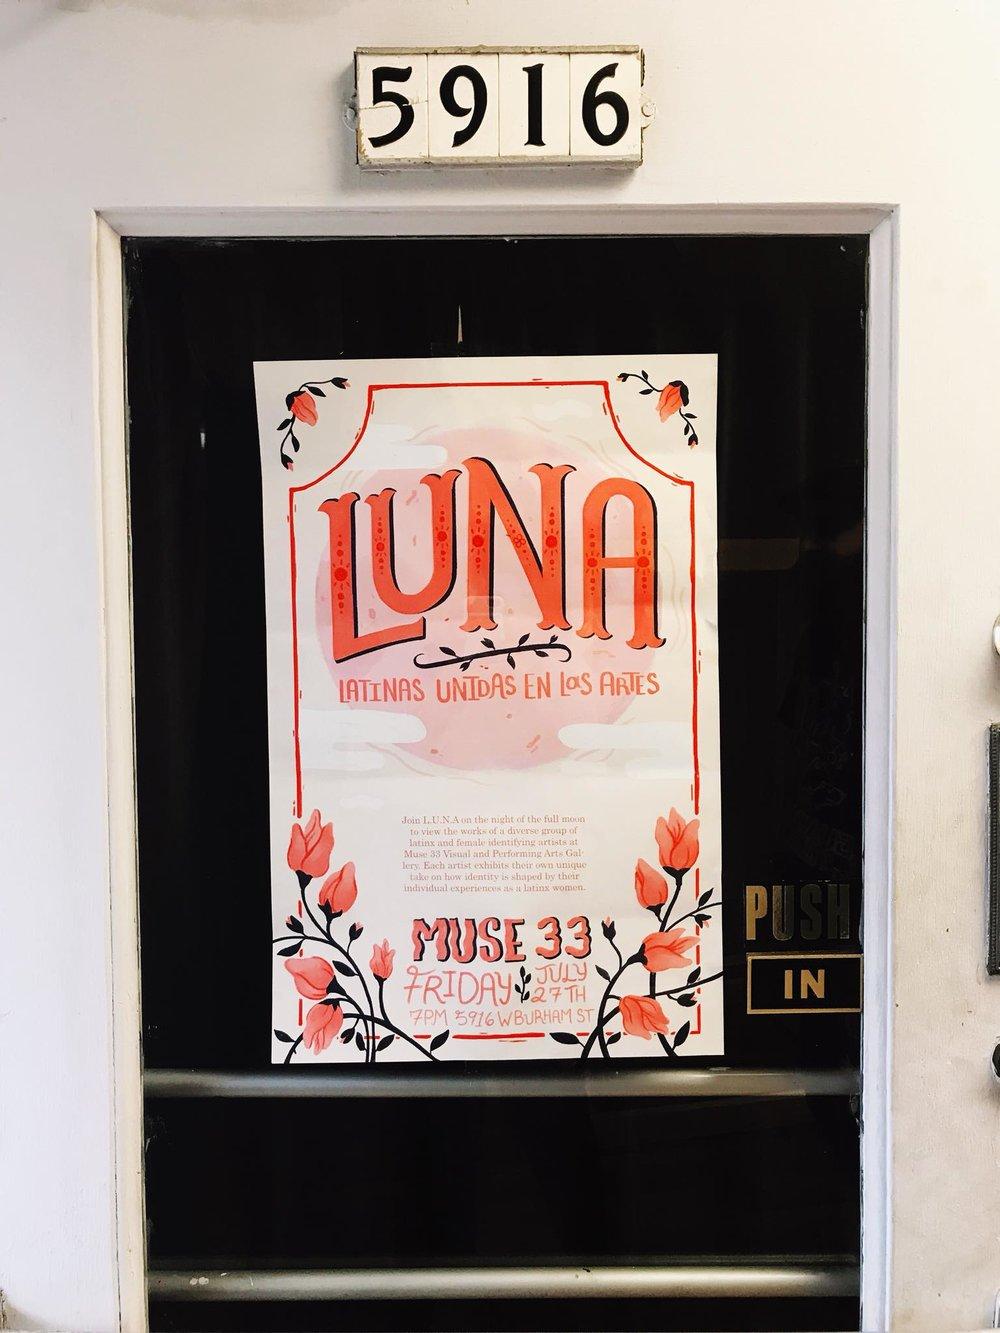 LUNA Debut poster by Cecilia Palacios